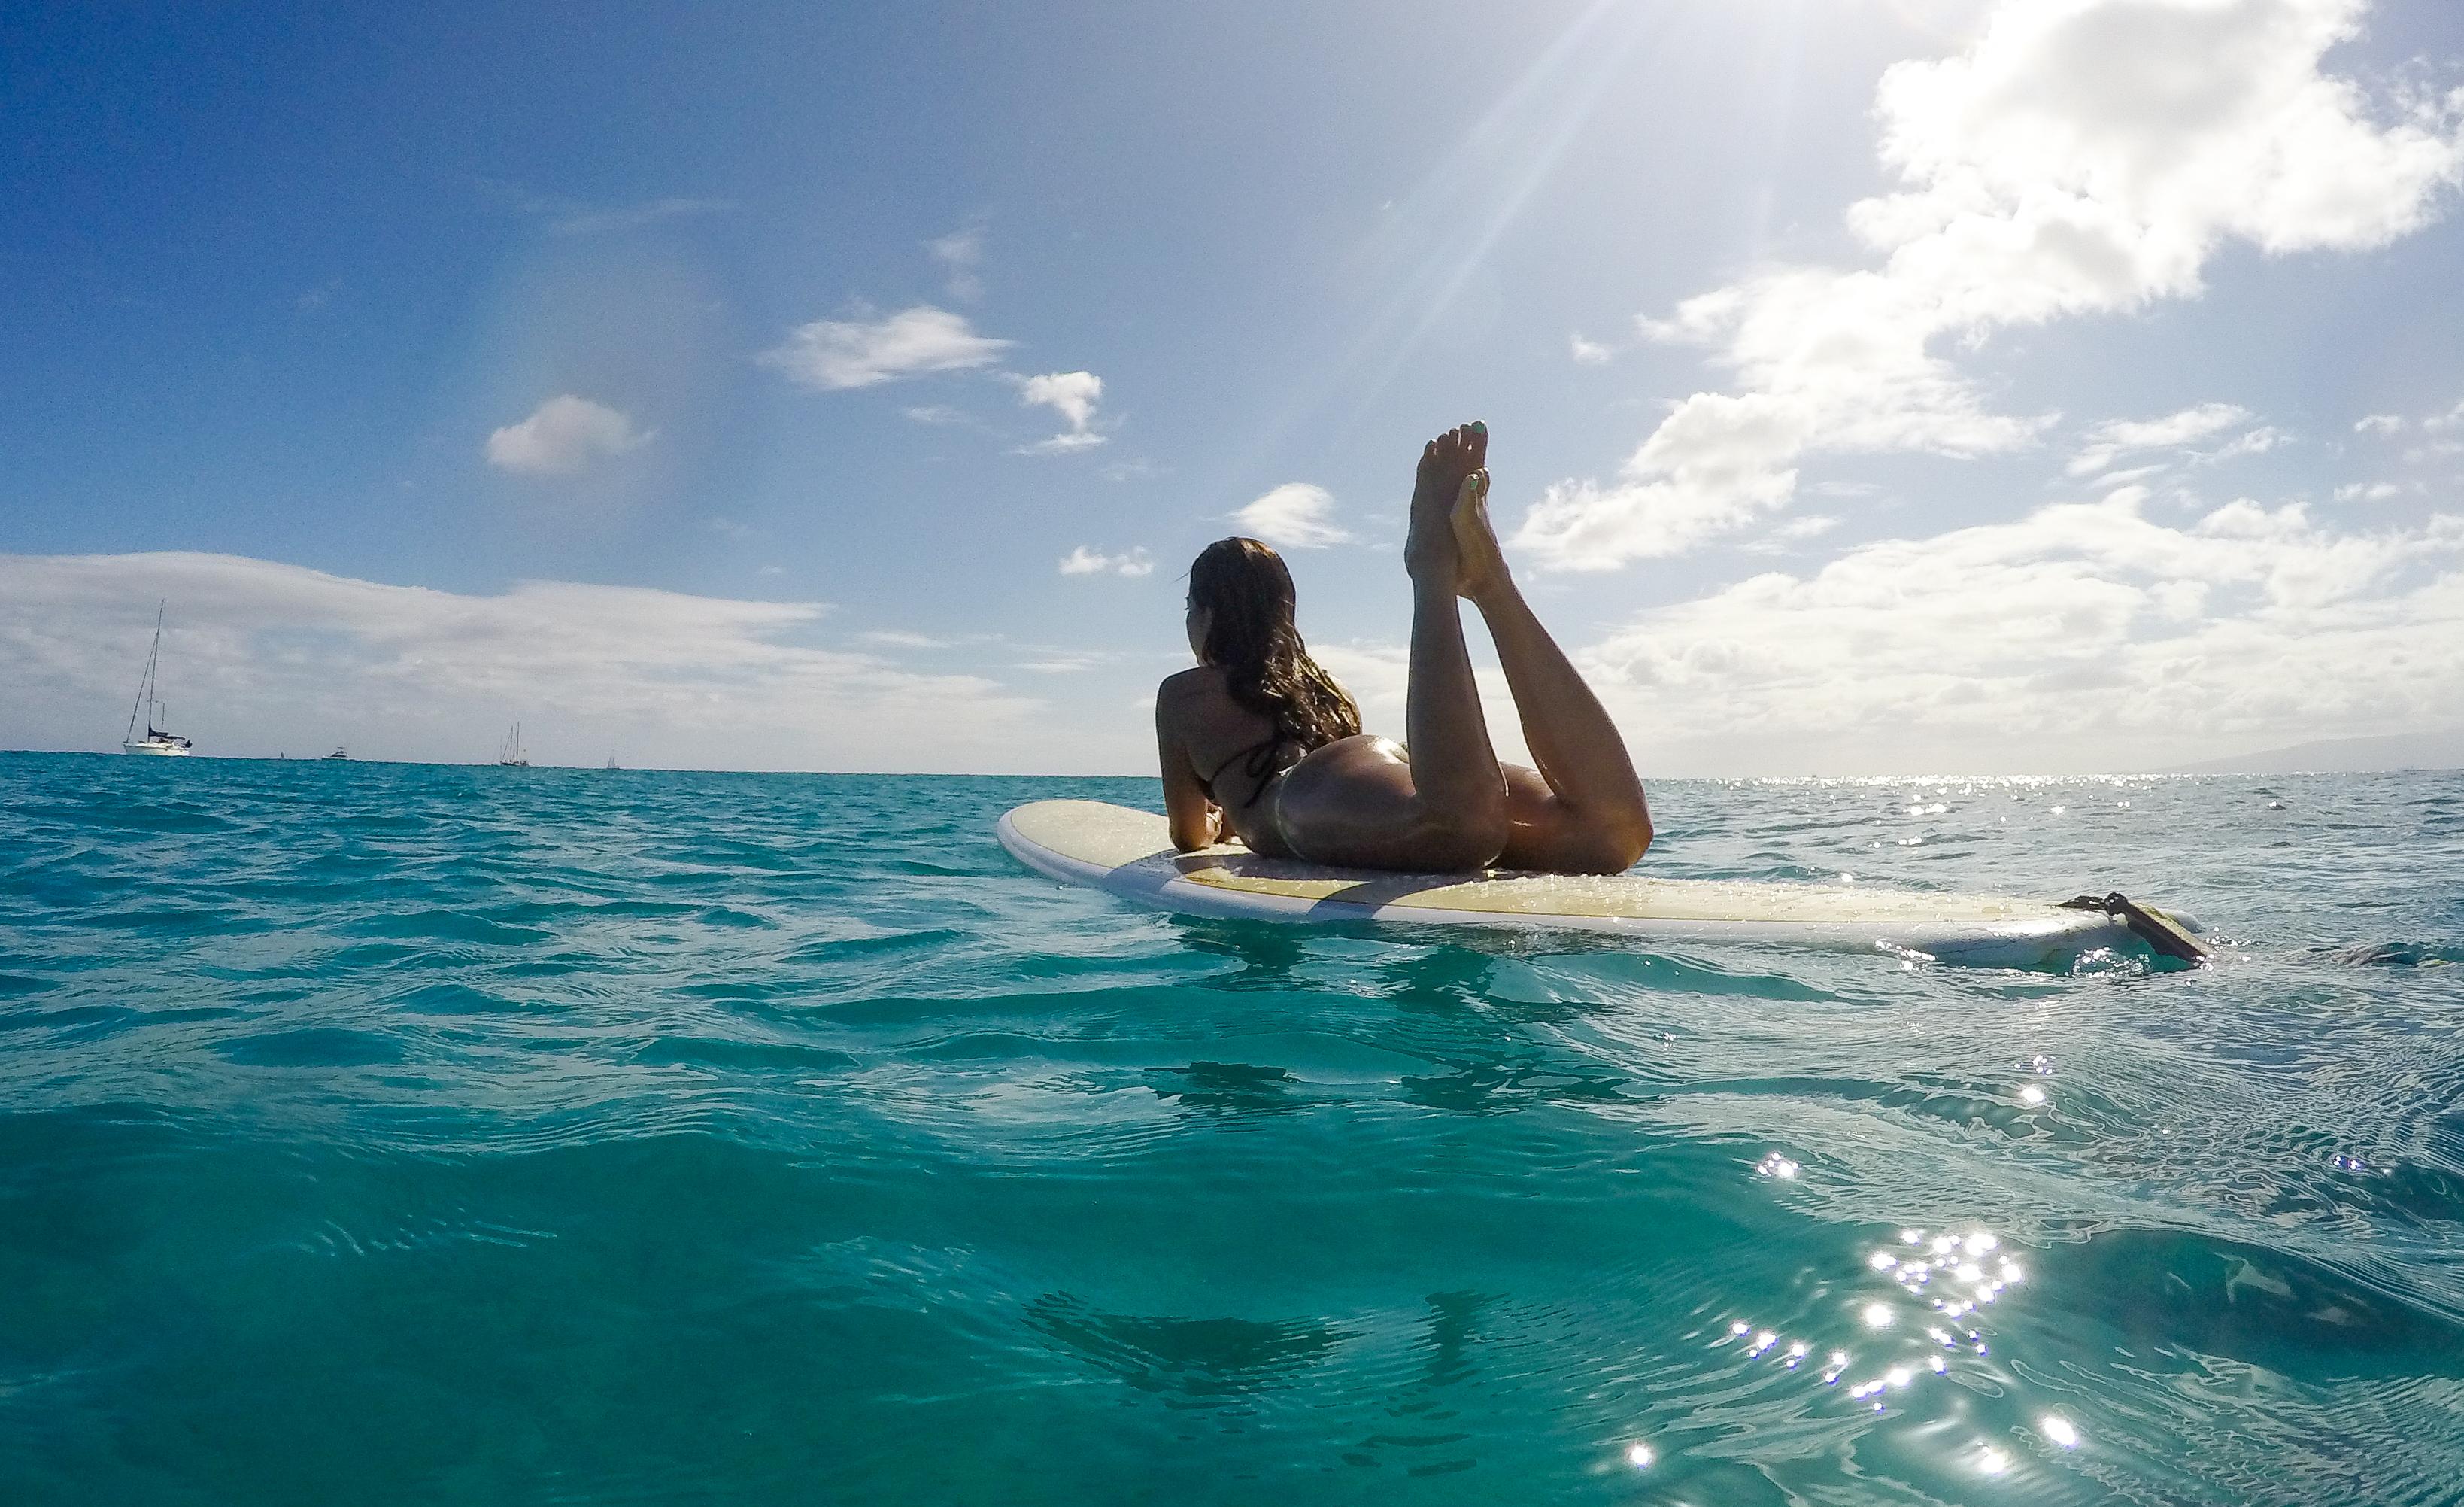 Waikiki Surfing, Oahu, Ohana Circle Island Tour